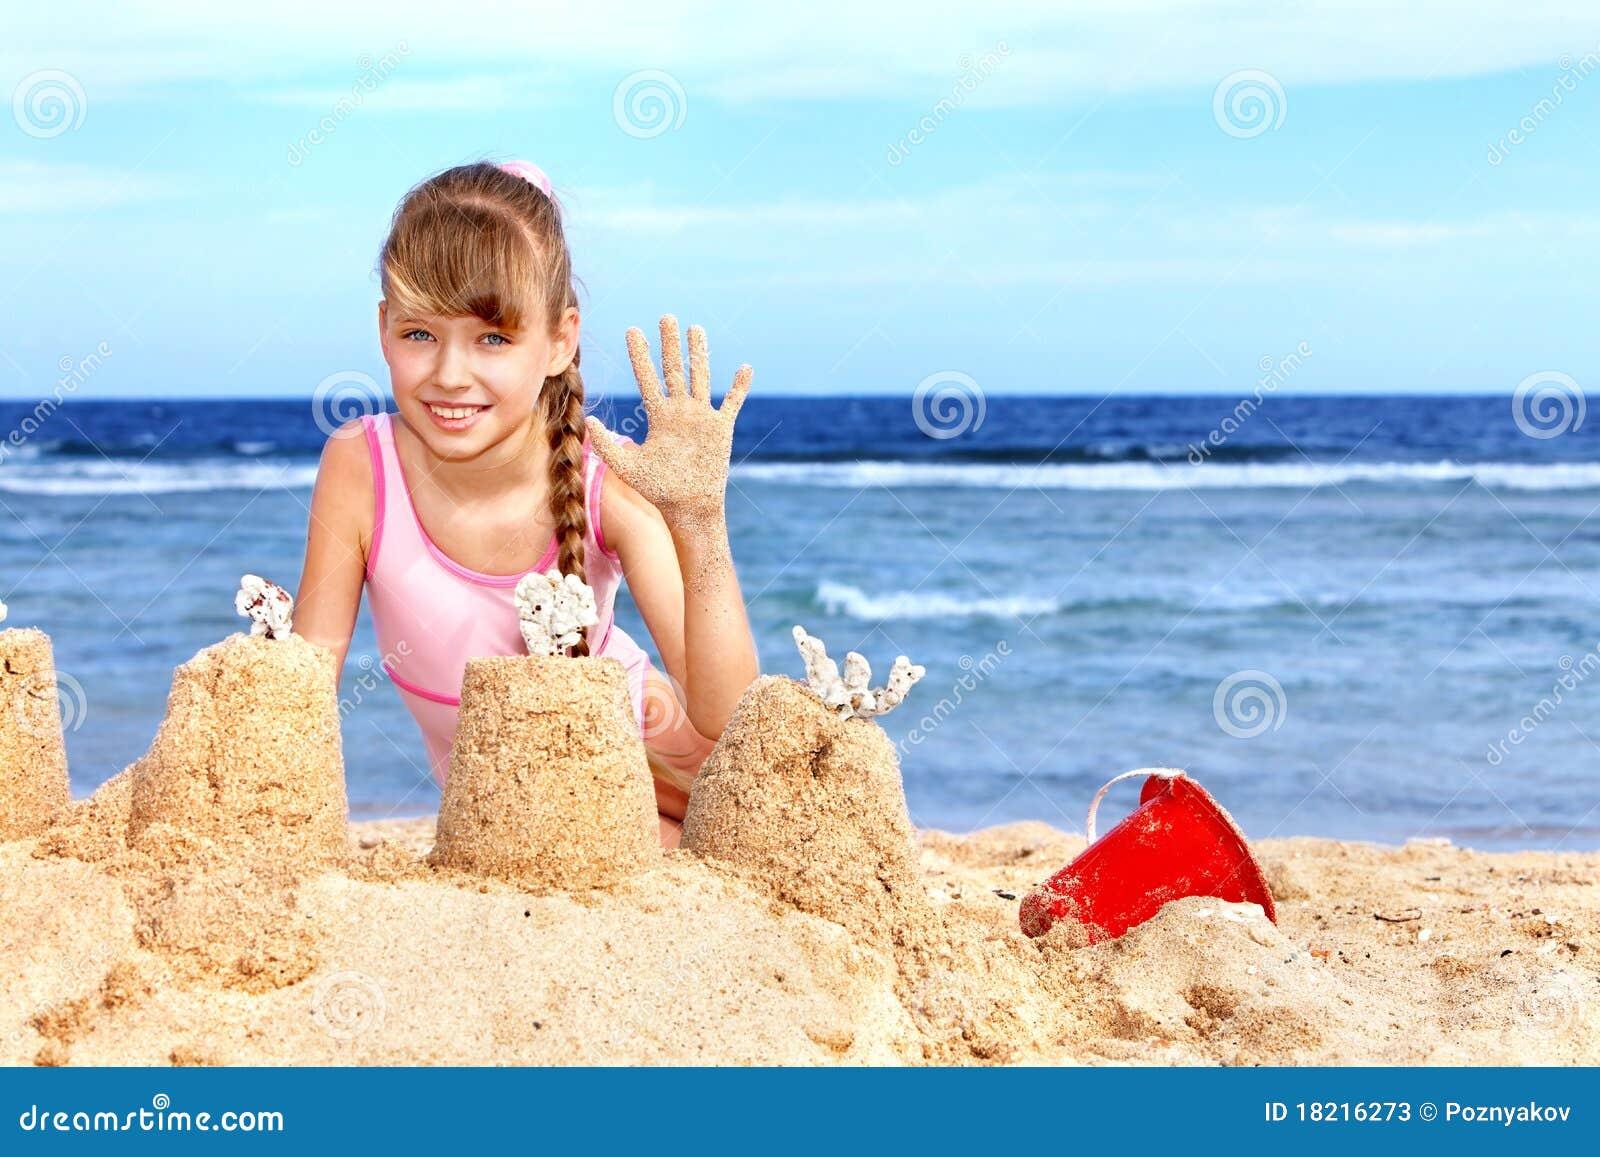 Фото маленькие девочки на пляже 9 фотография